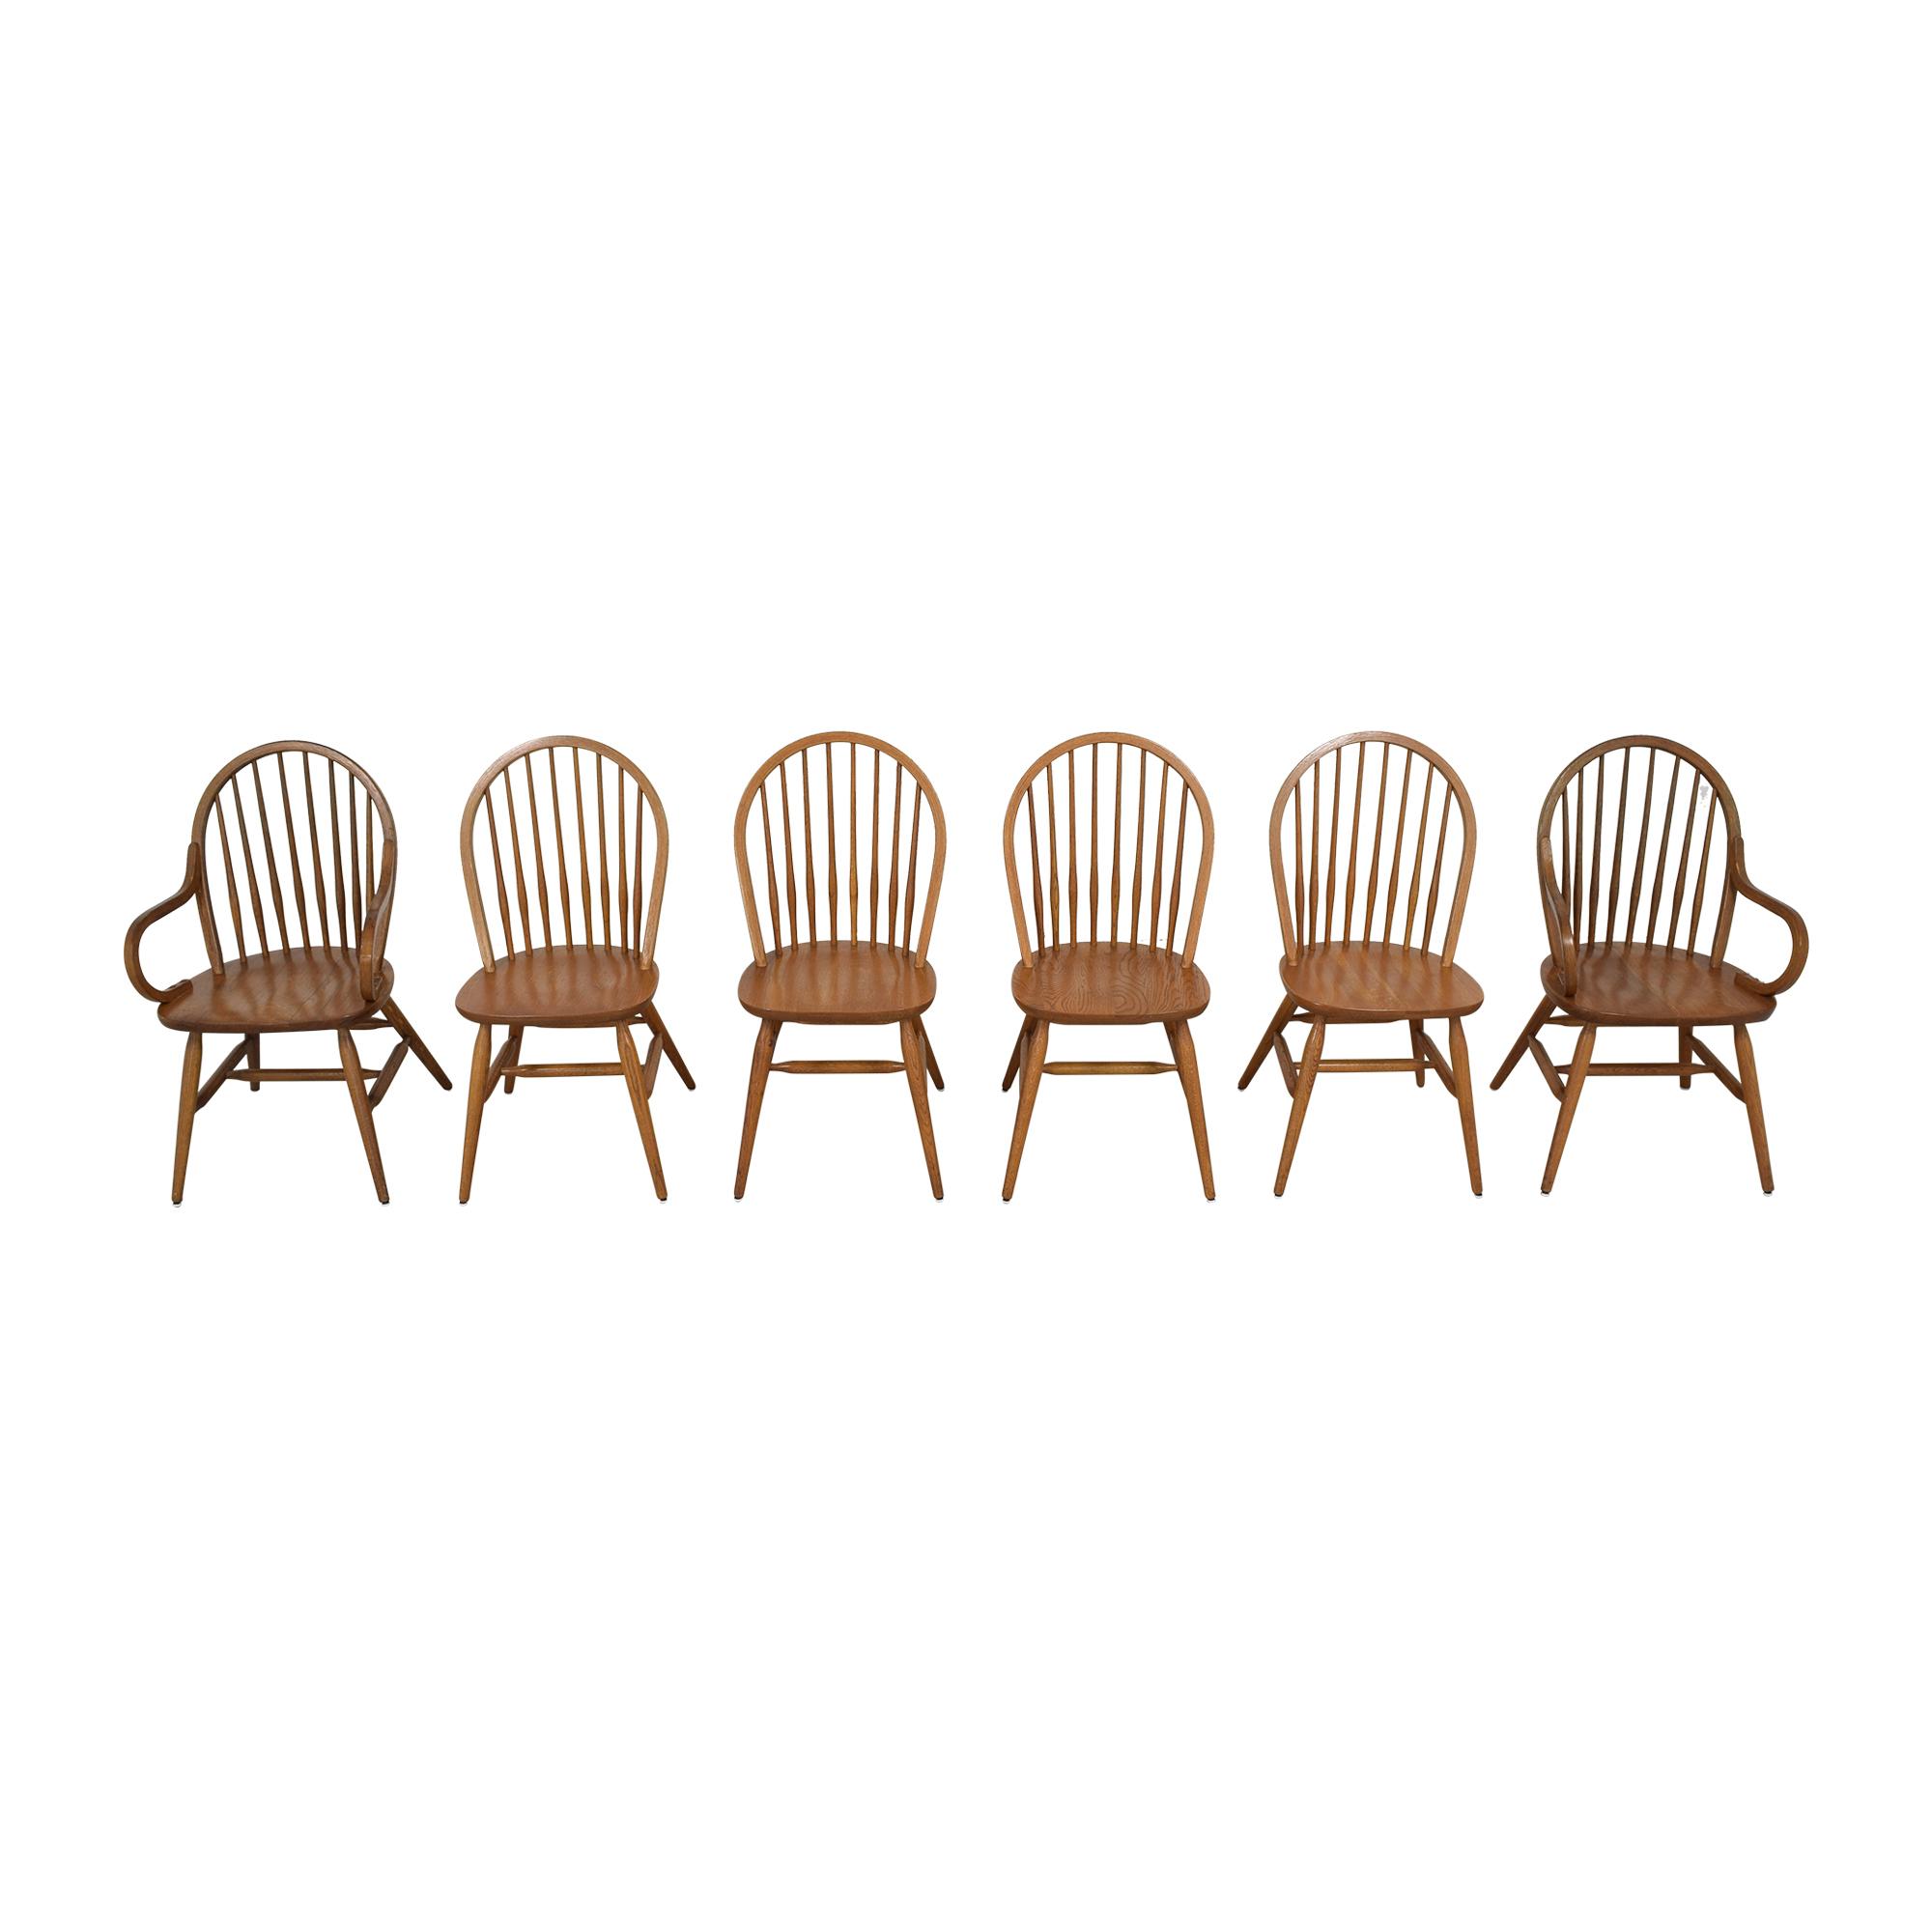 buy Keller Keller Dining Chairs online